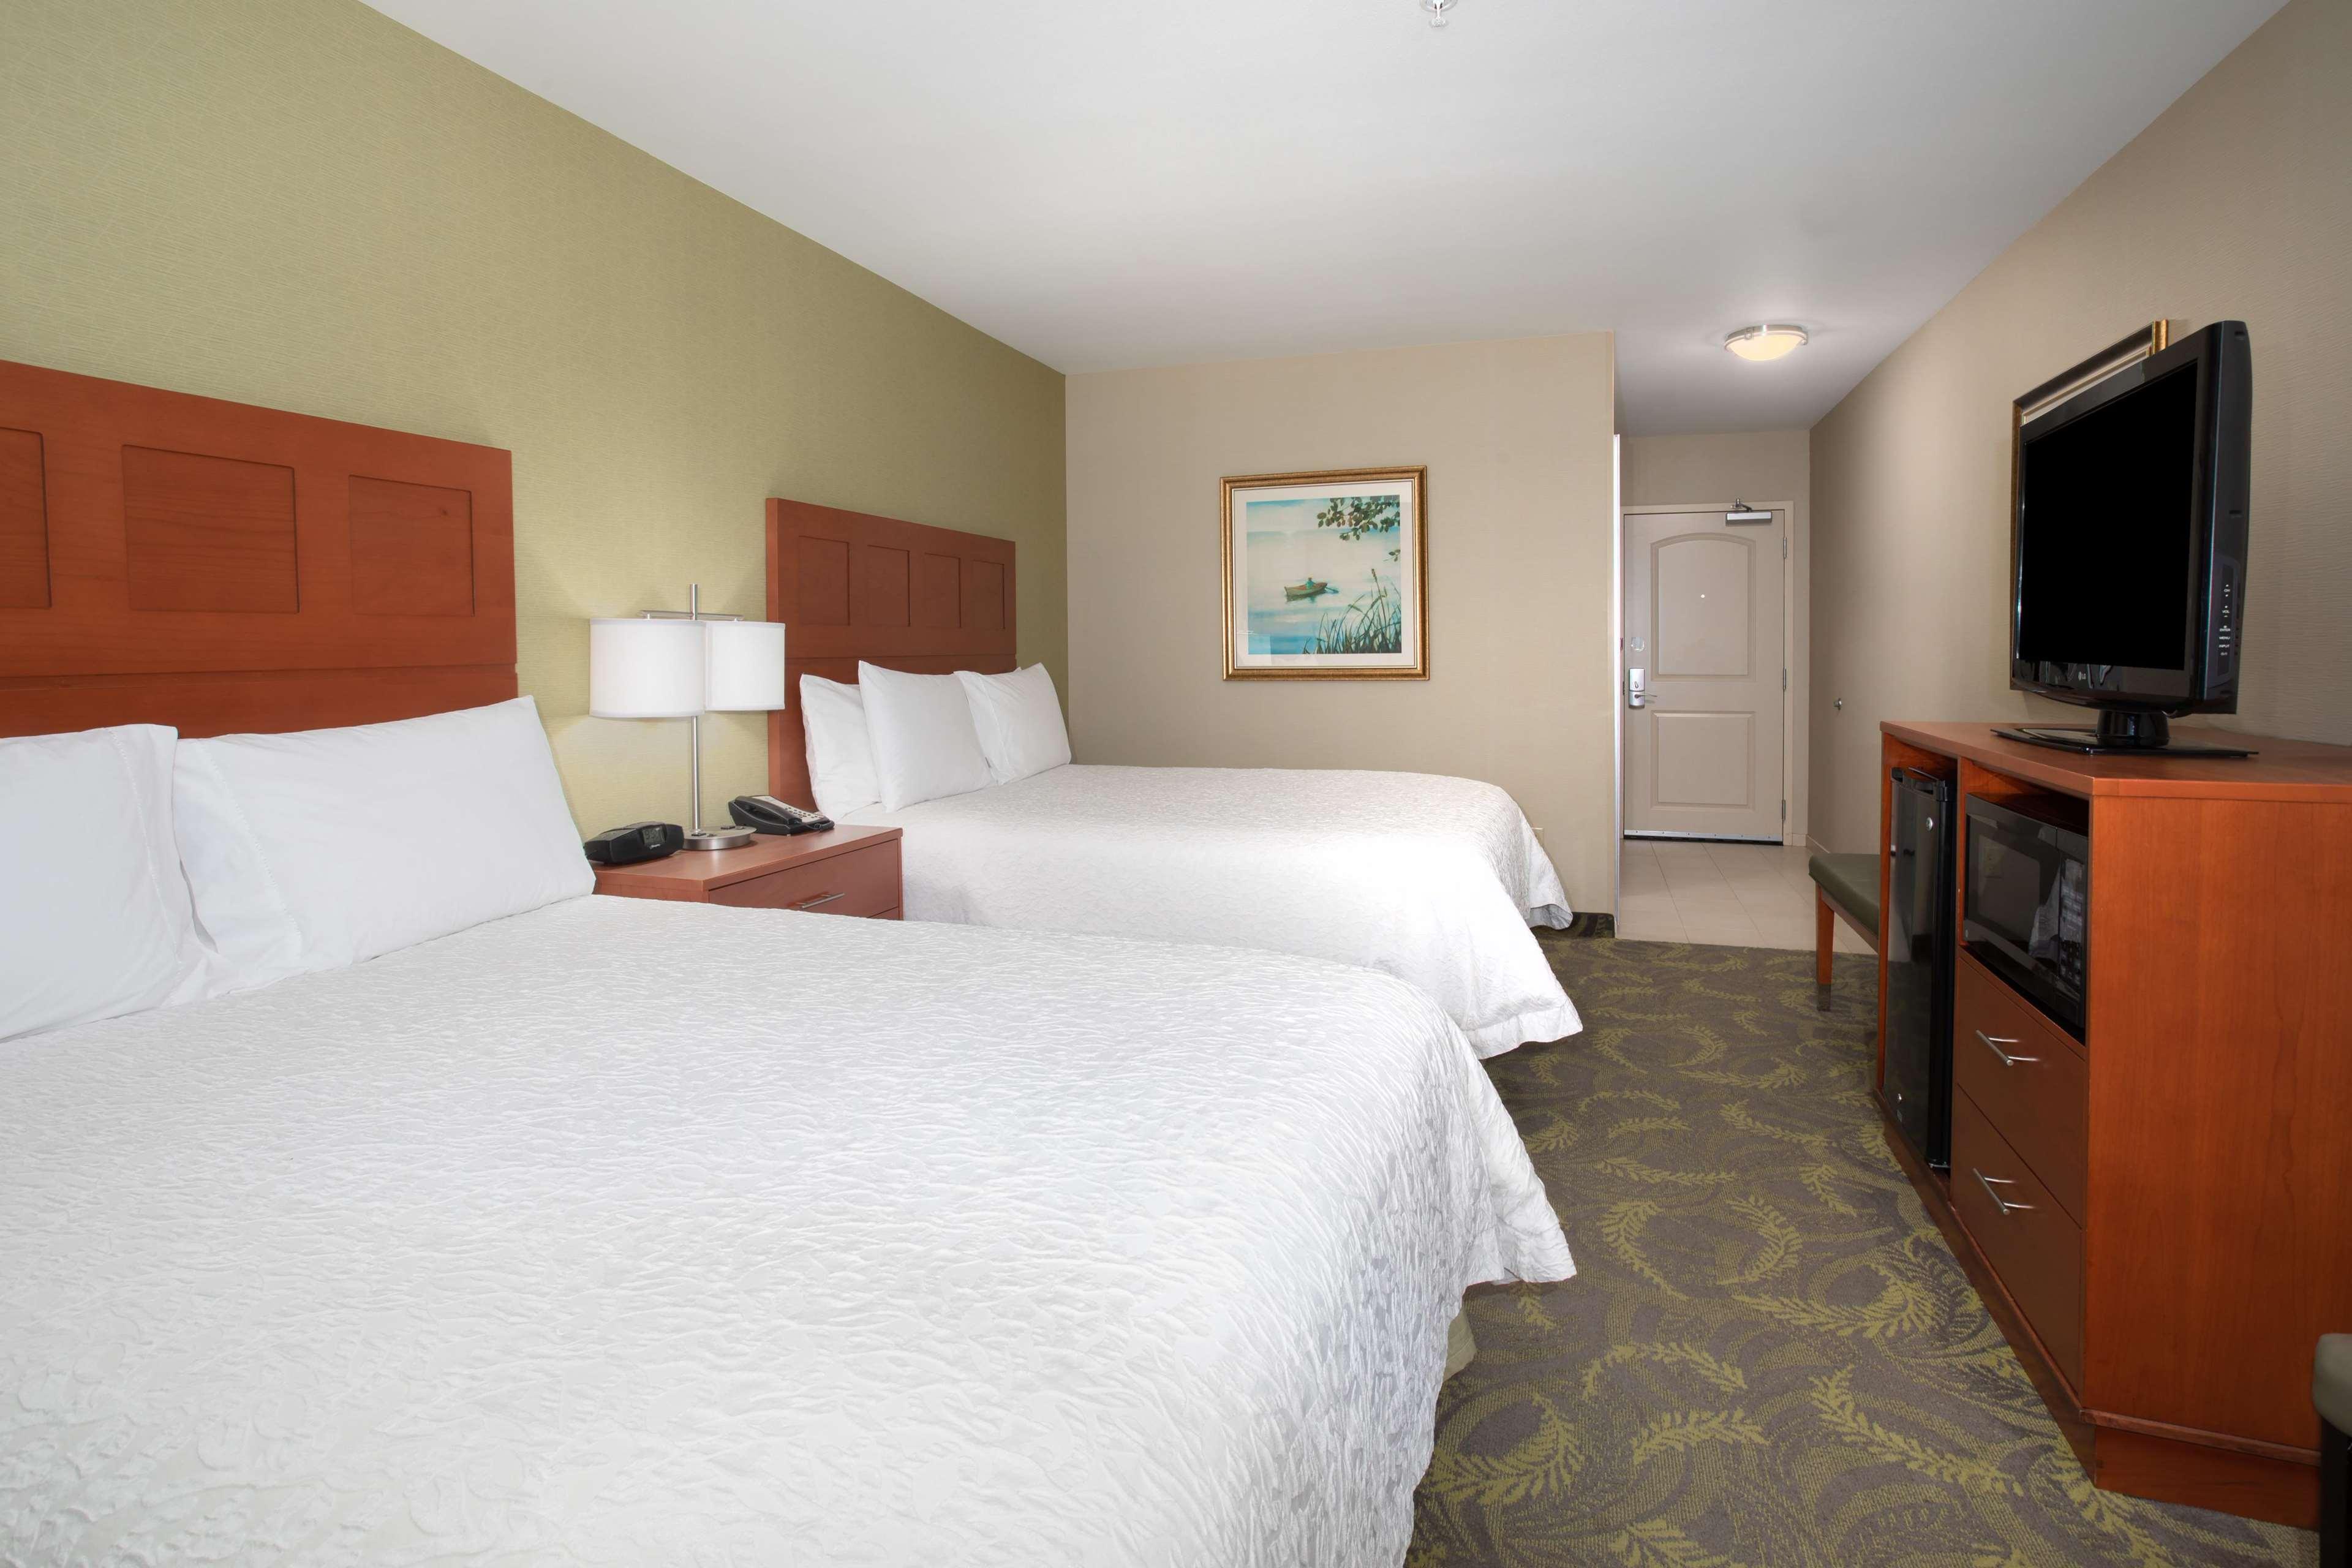 Hampton Inn & Suites Astoria image 37